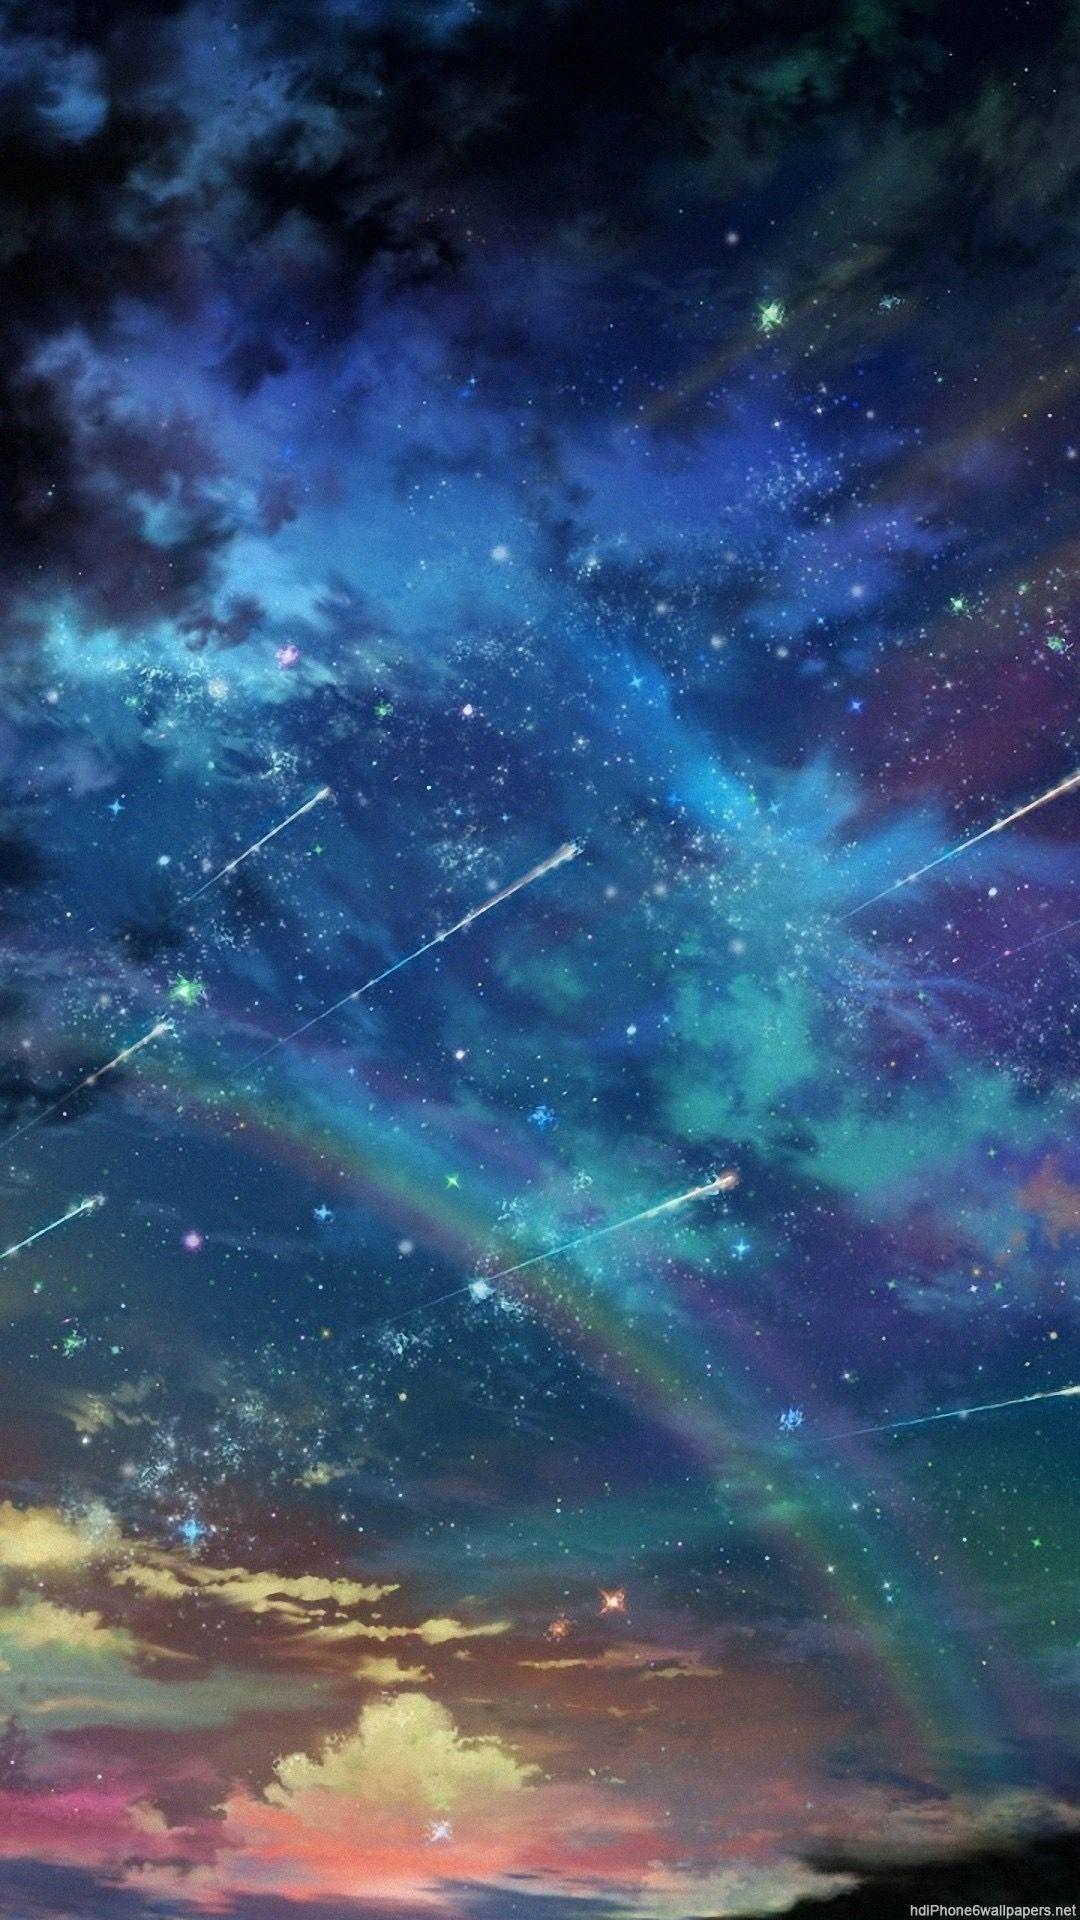 Starry おしゃれまとめの人気アイデア Pinterest Radar Hodges 流星群 Iphone壁紙 幻想的なイラスト